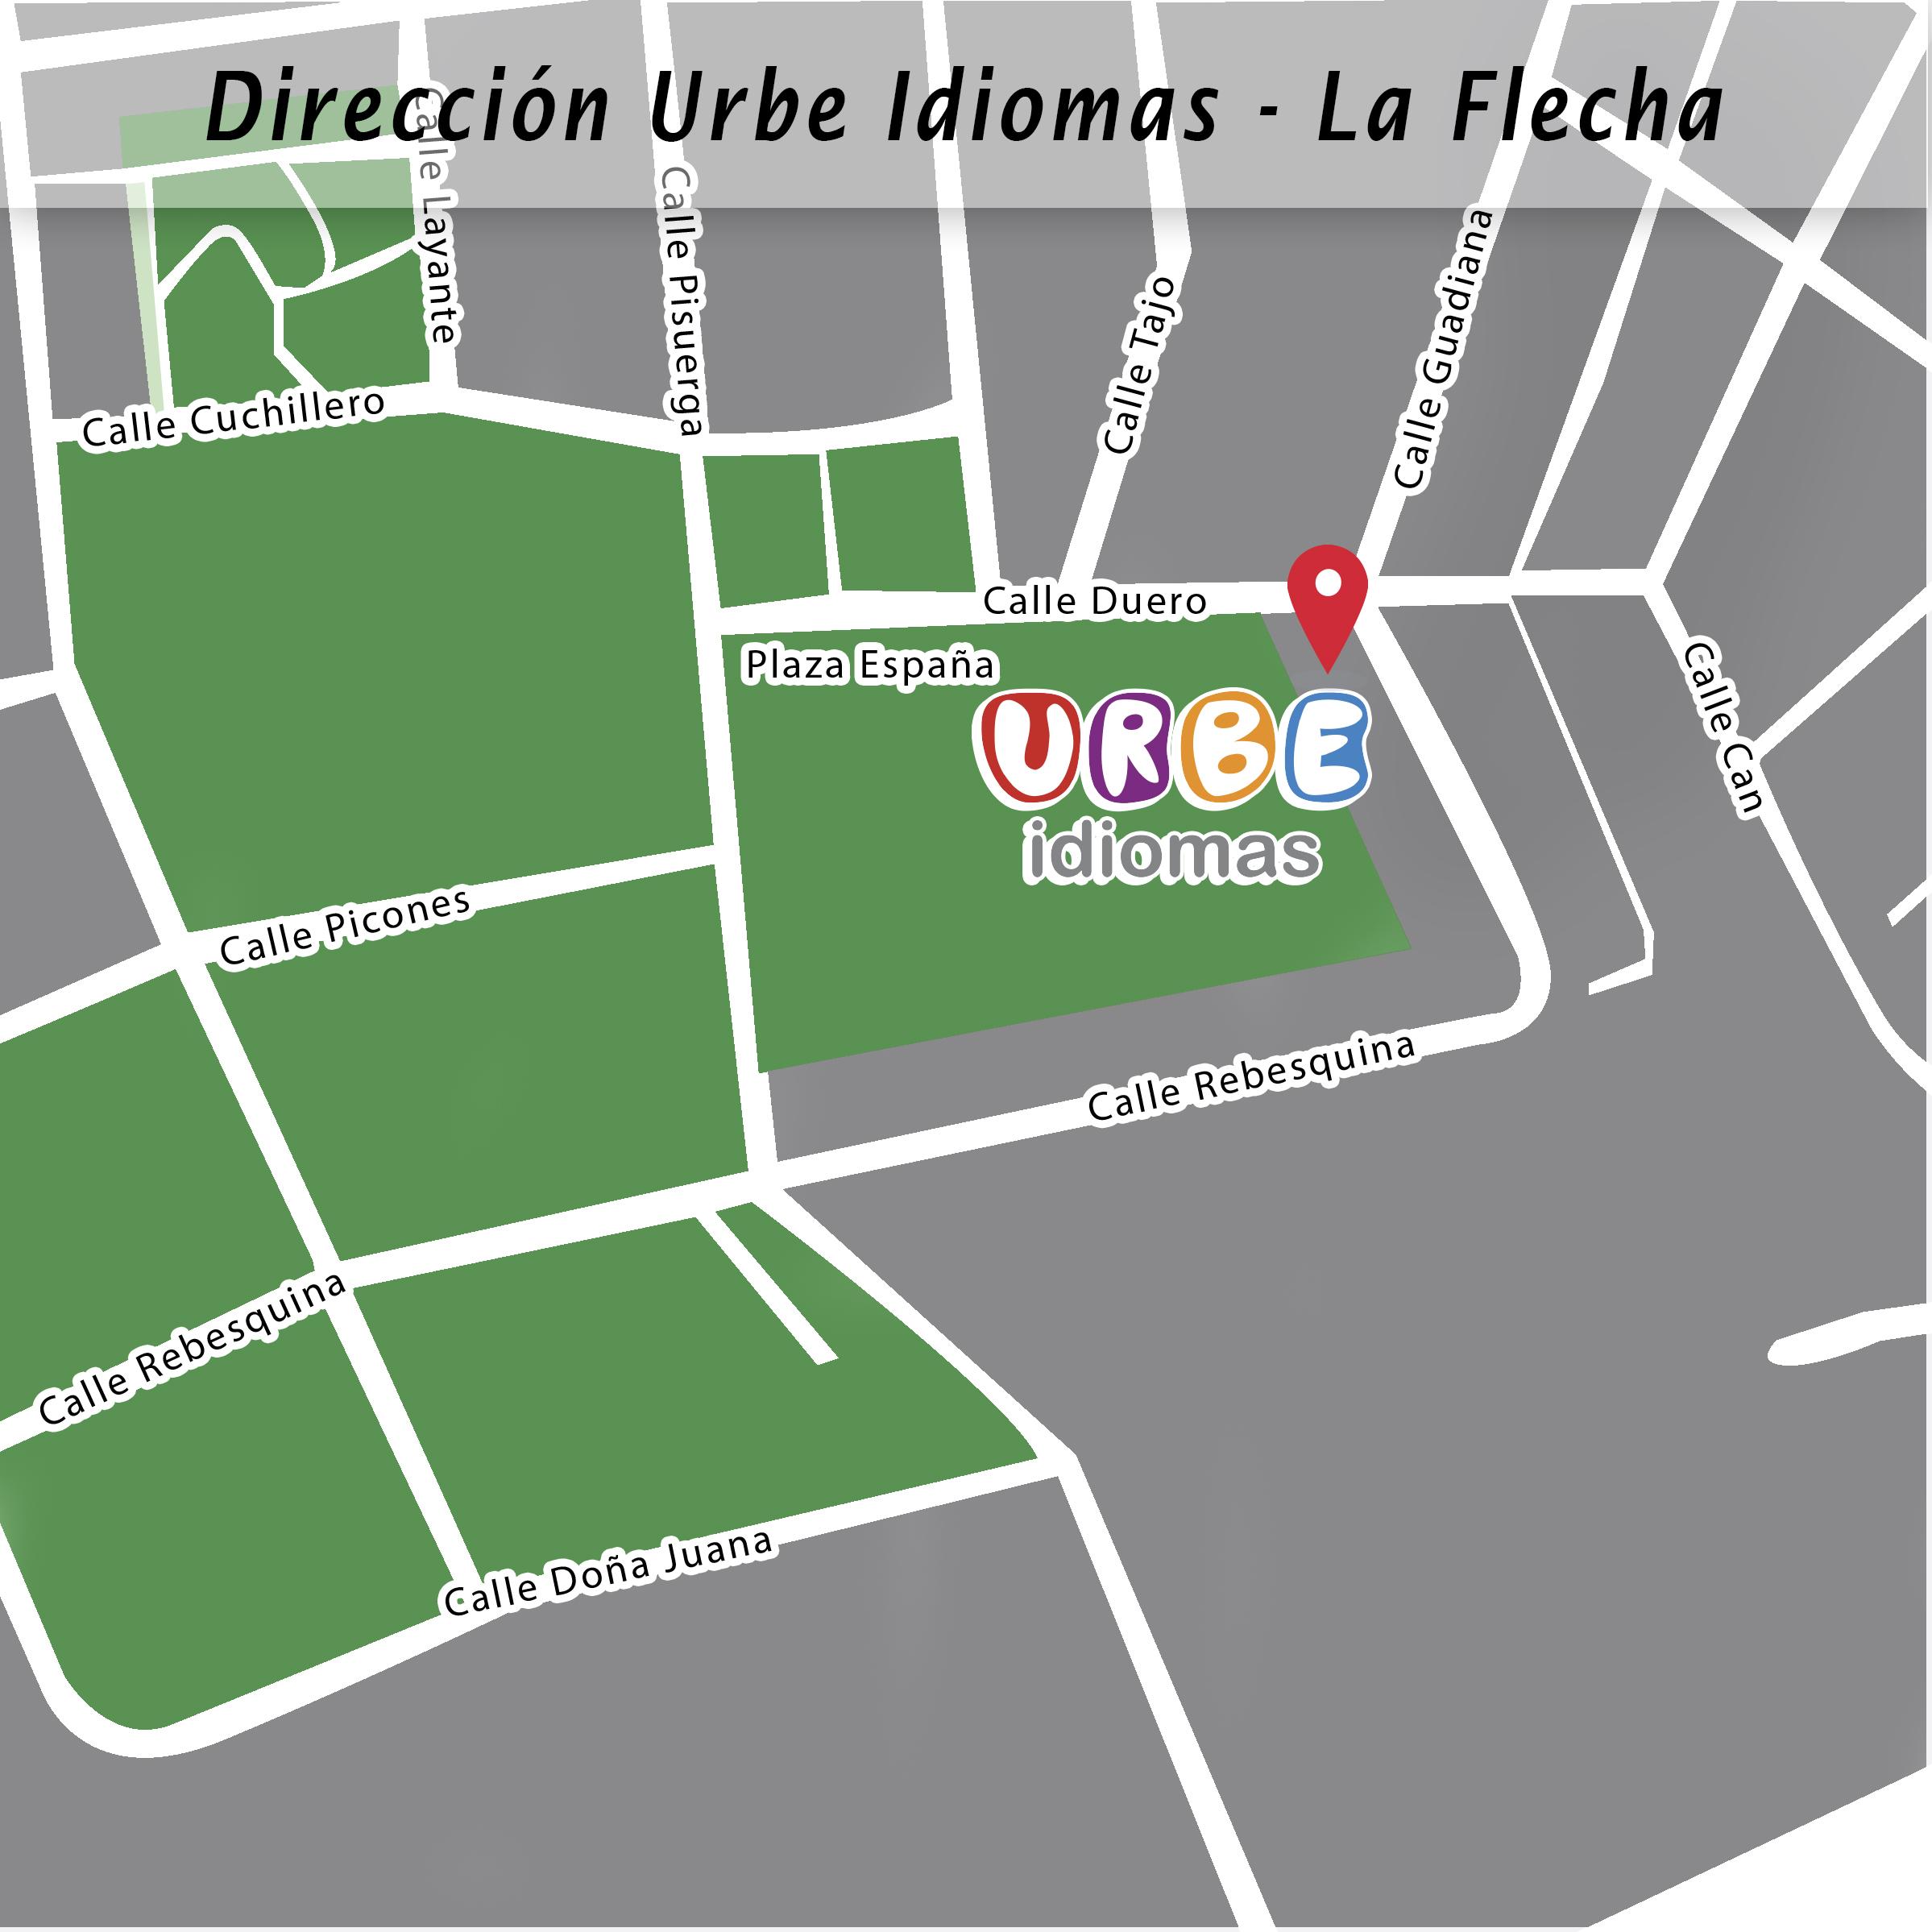 Dirección Urbe Idiomas - La Flecha